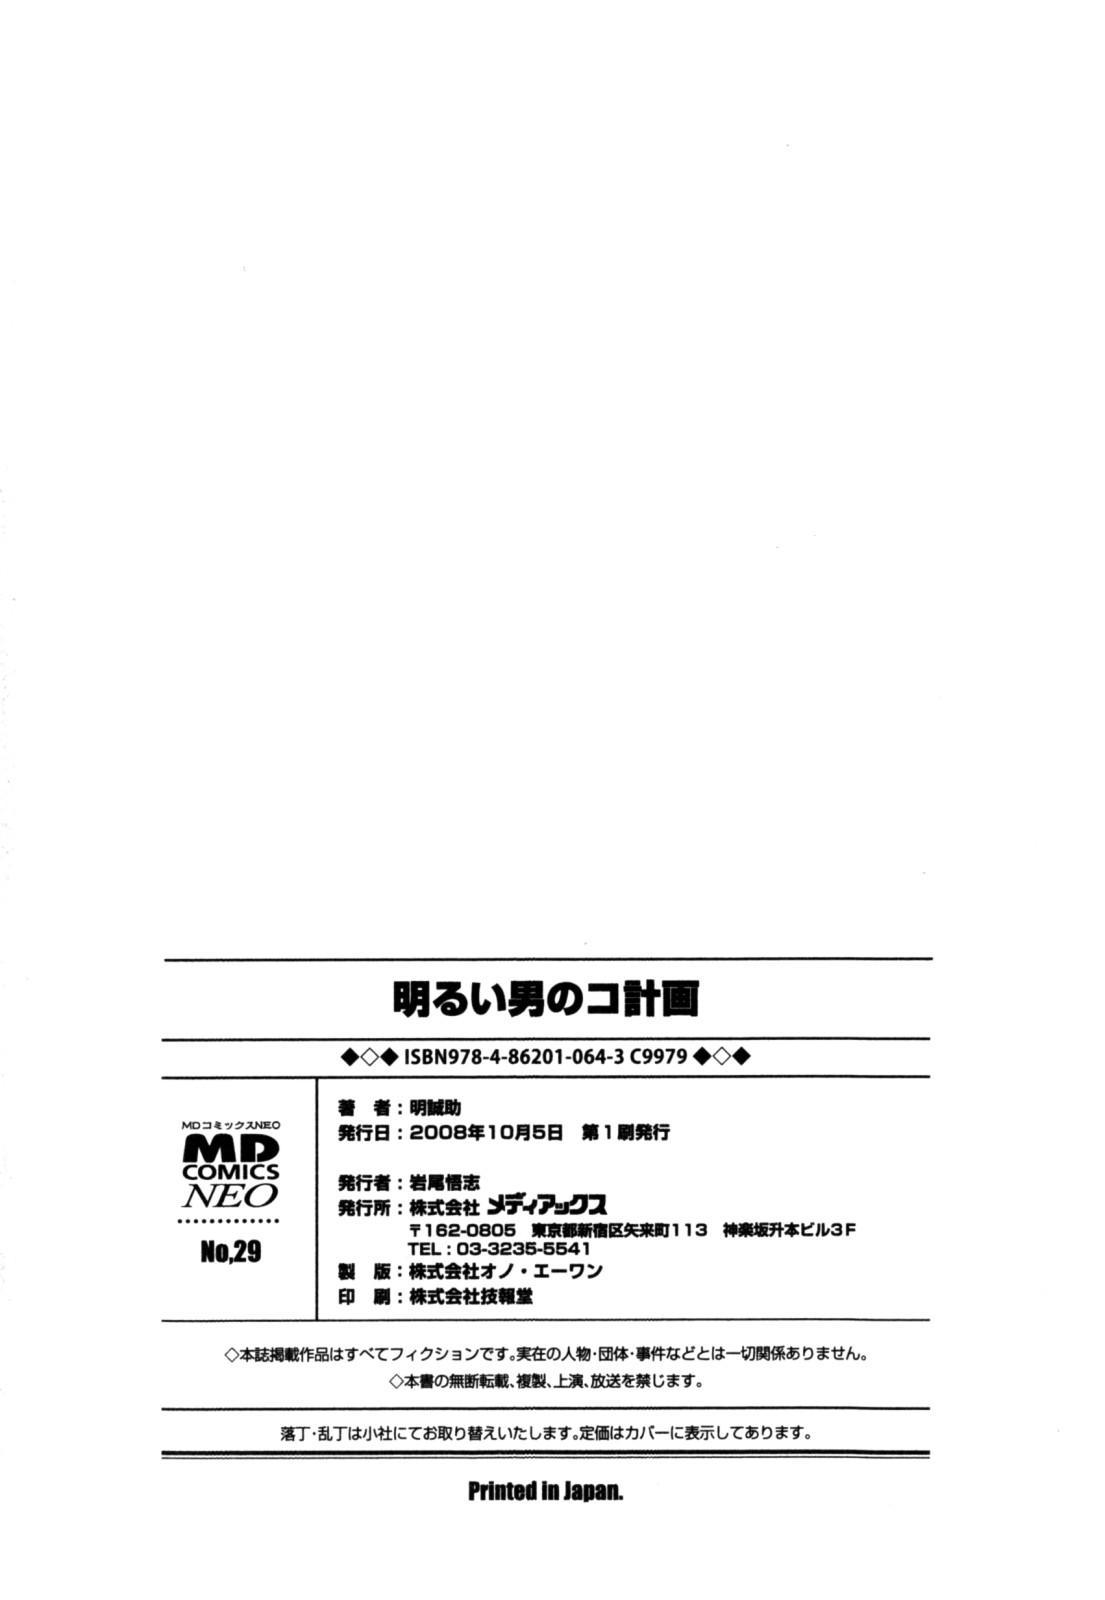 Akarui Otoko no Ko Keikaku 183